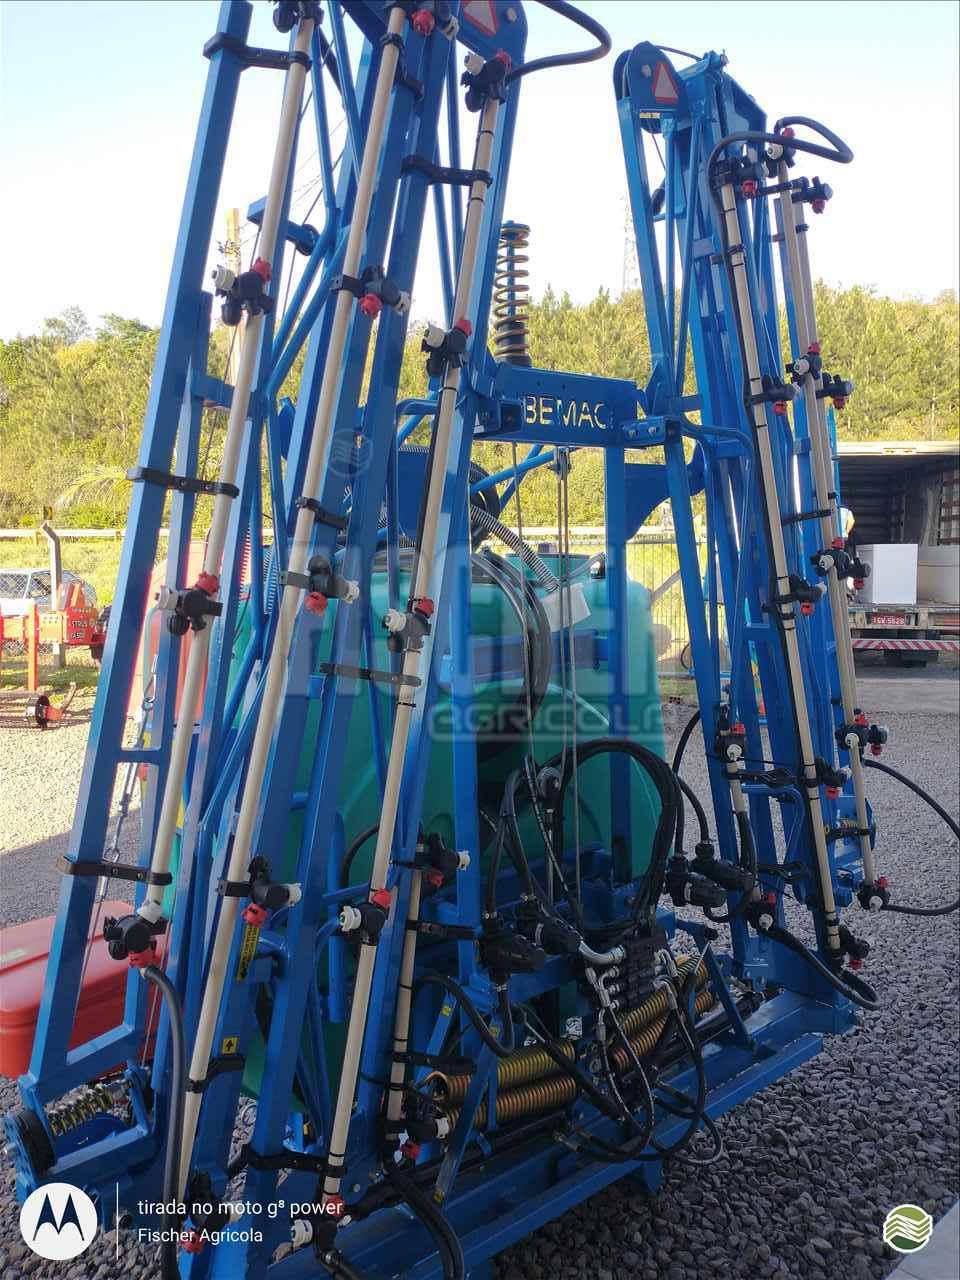 RUBEMAQ 800 ACOPLADO de Fischer Agrícola - RIO PARDO/RS